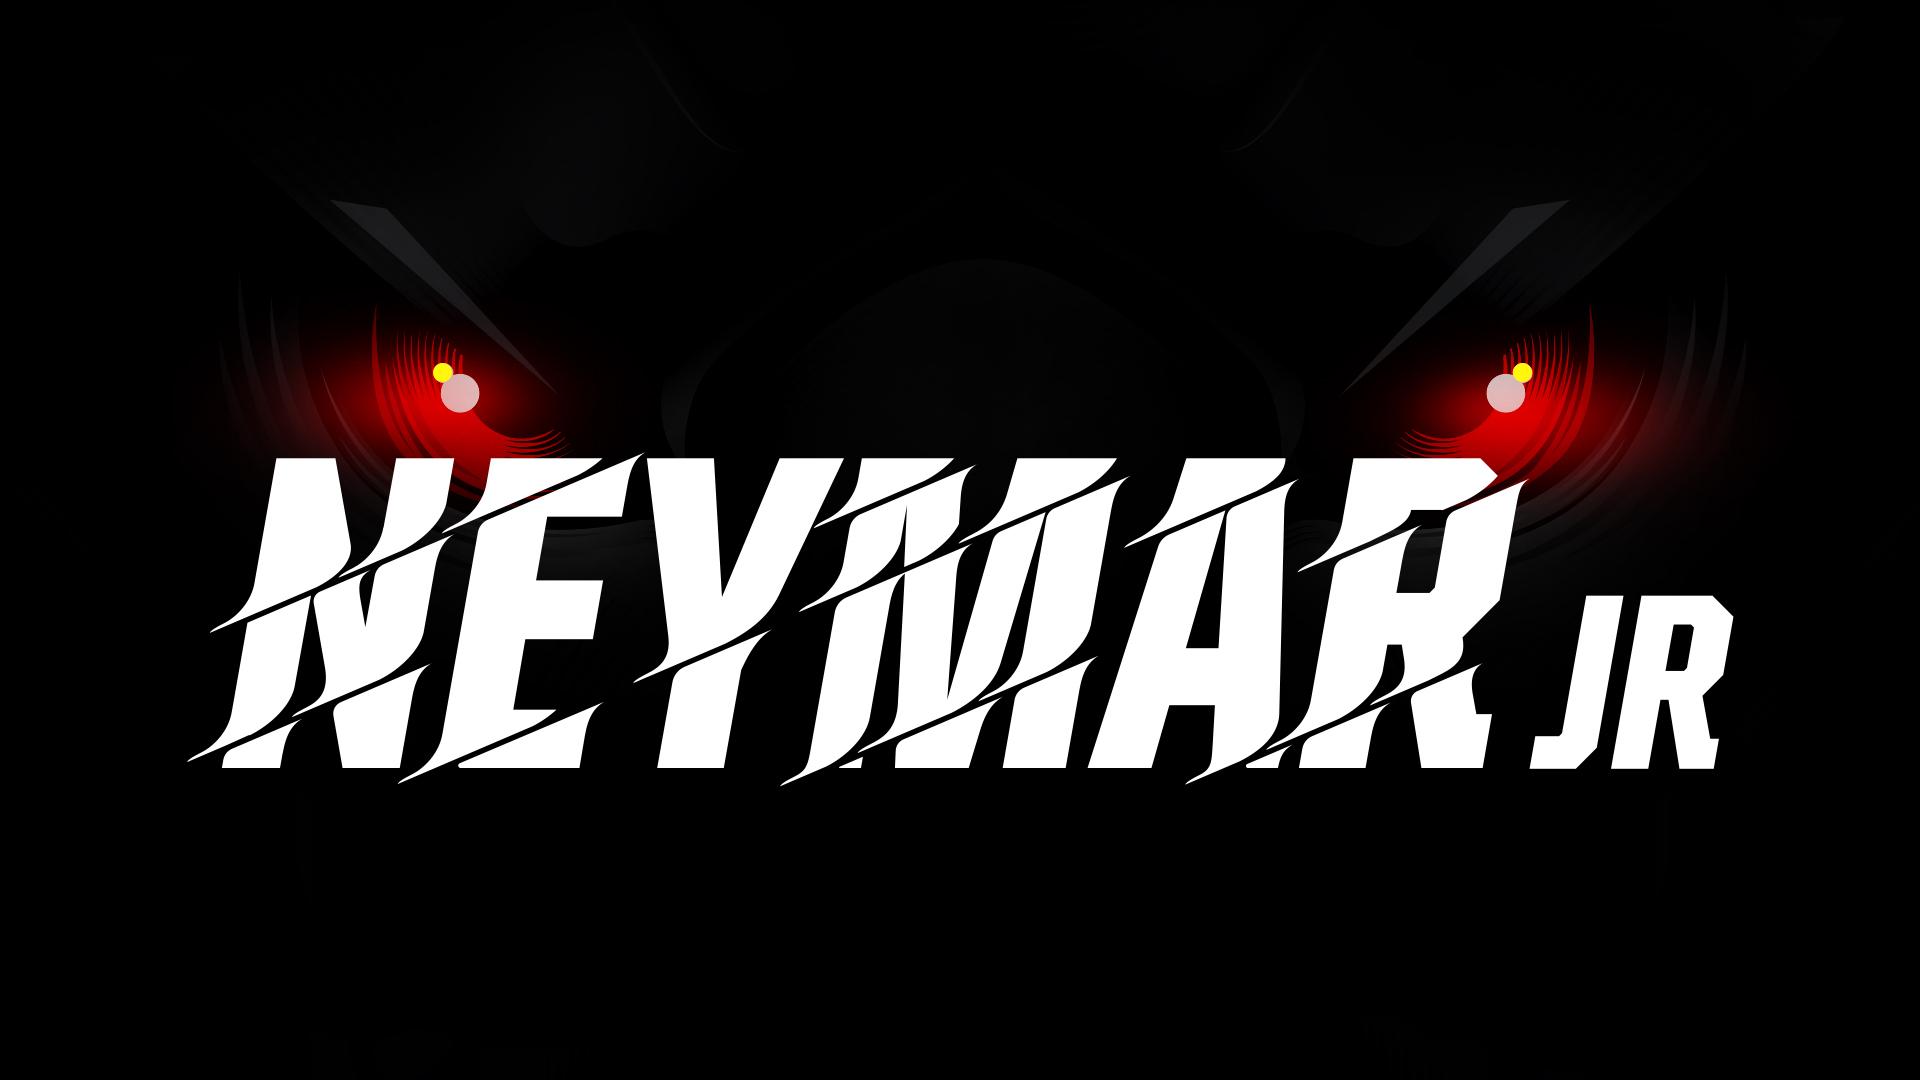 Neymar Jr - April 27 icon